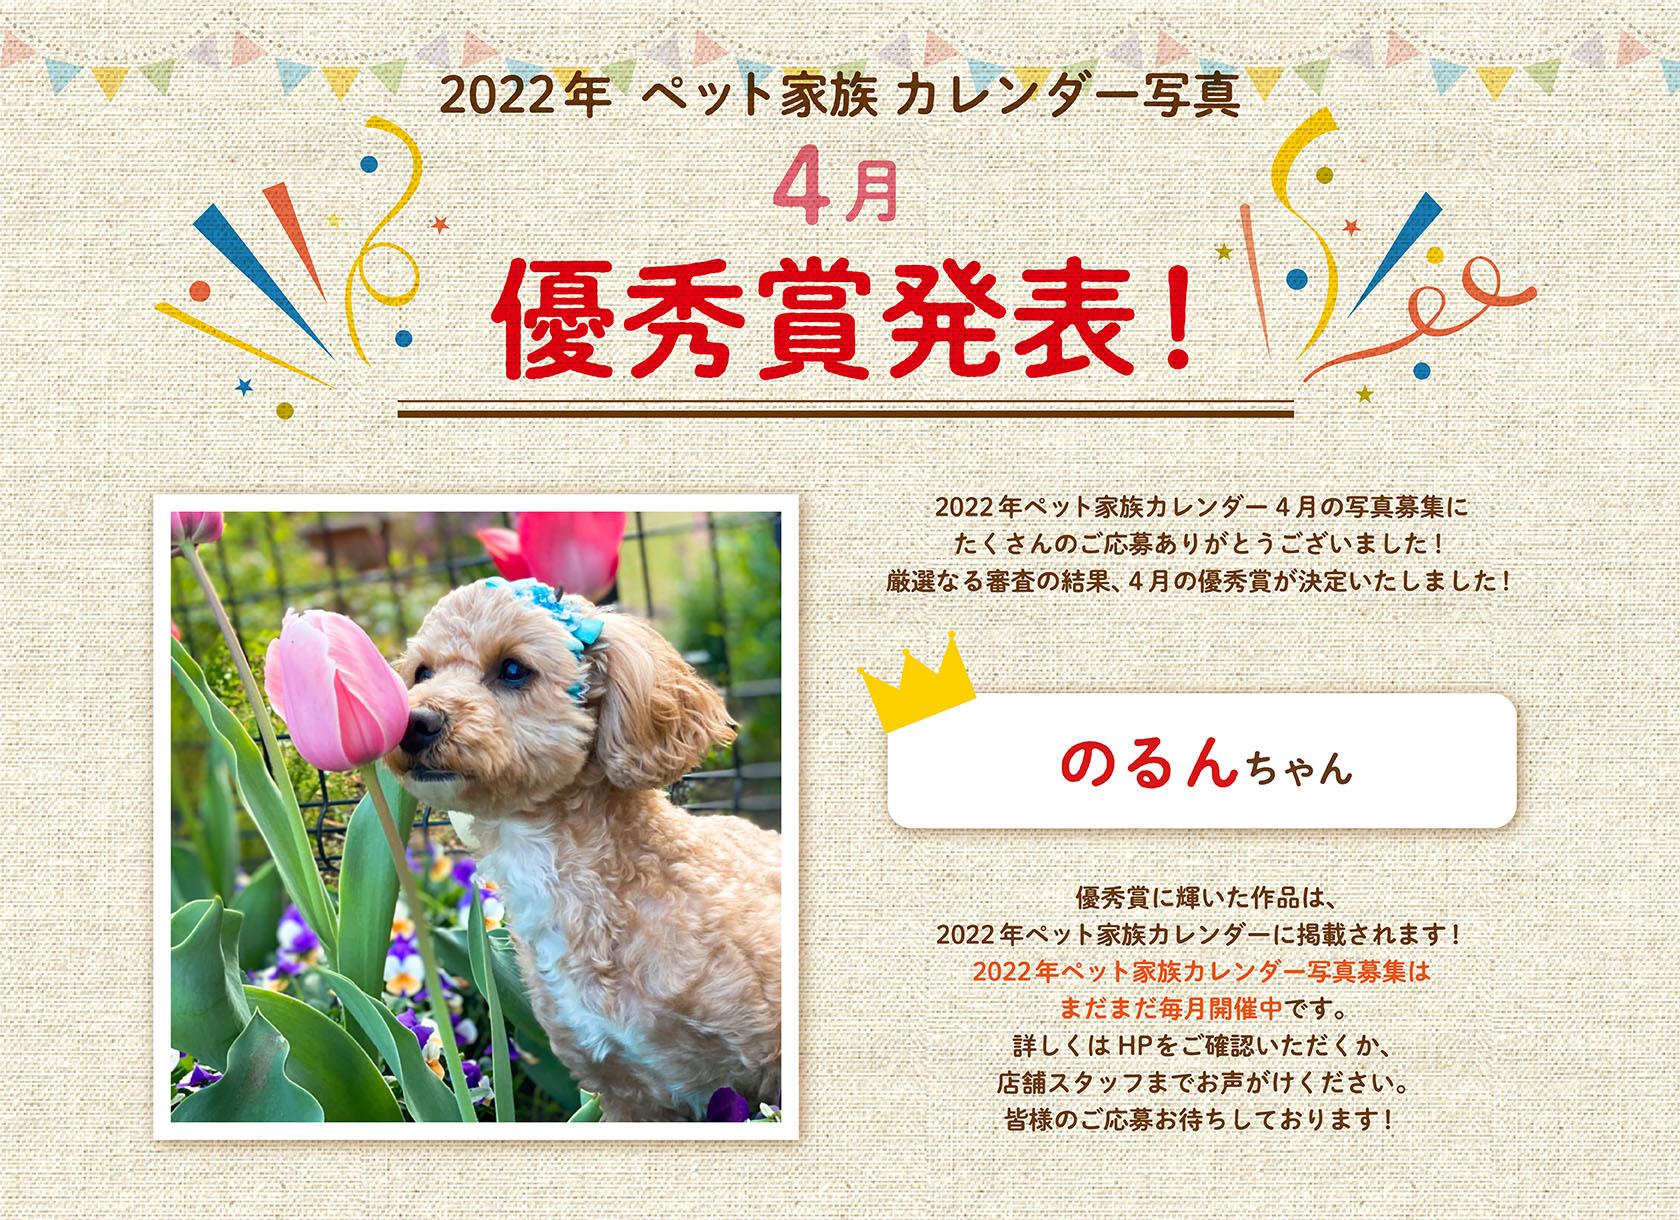 2022年ペット家族カレンダー4月優秀賞発表!